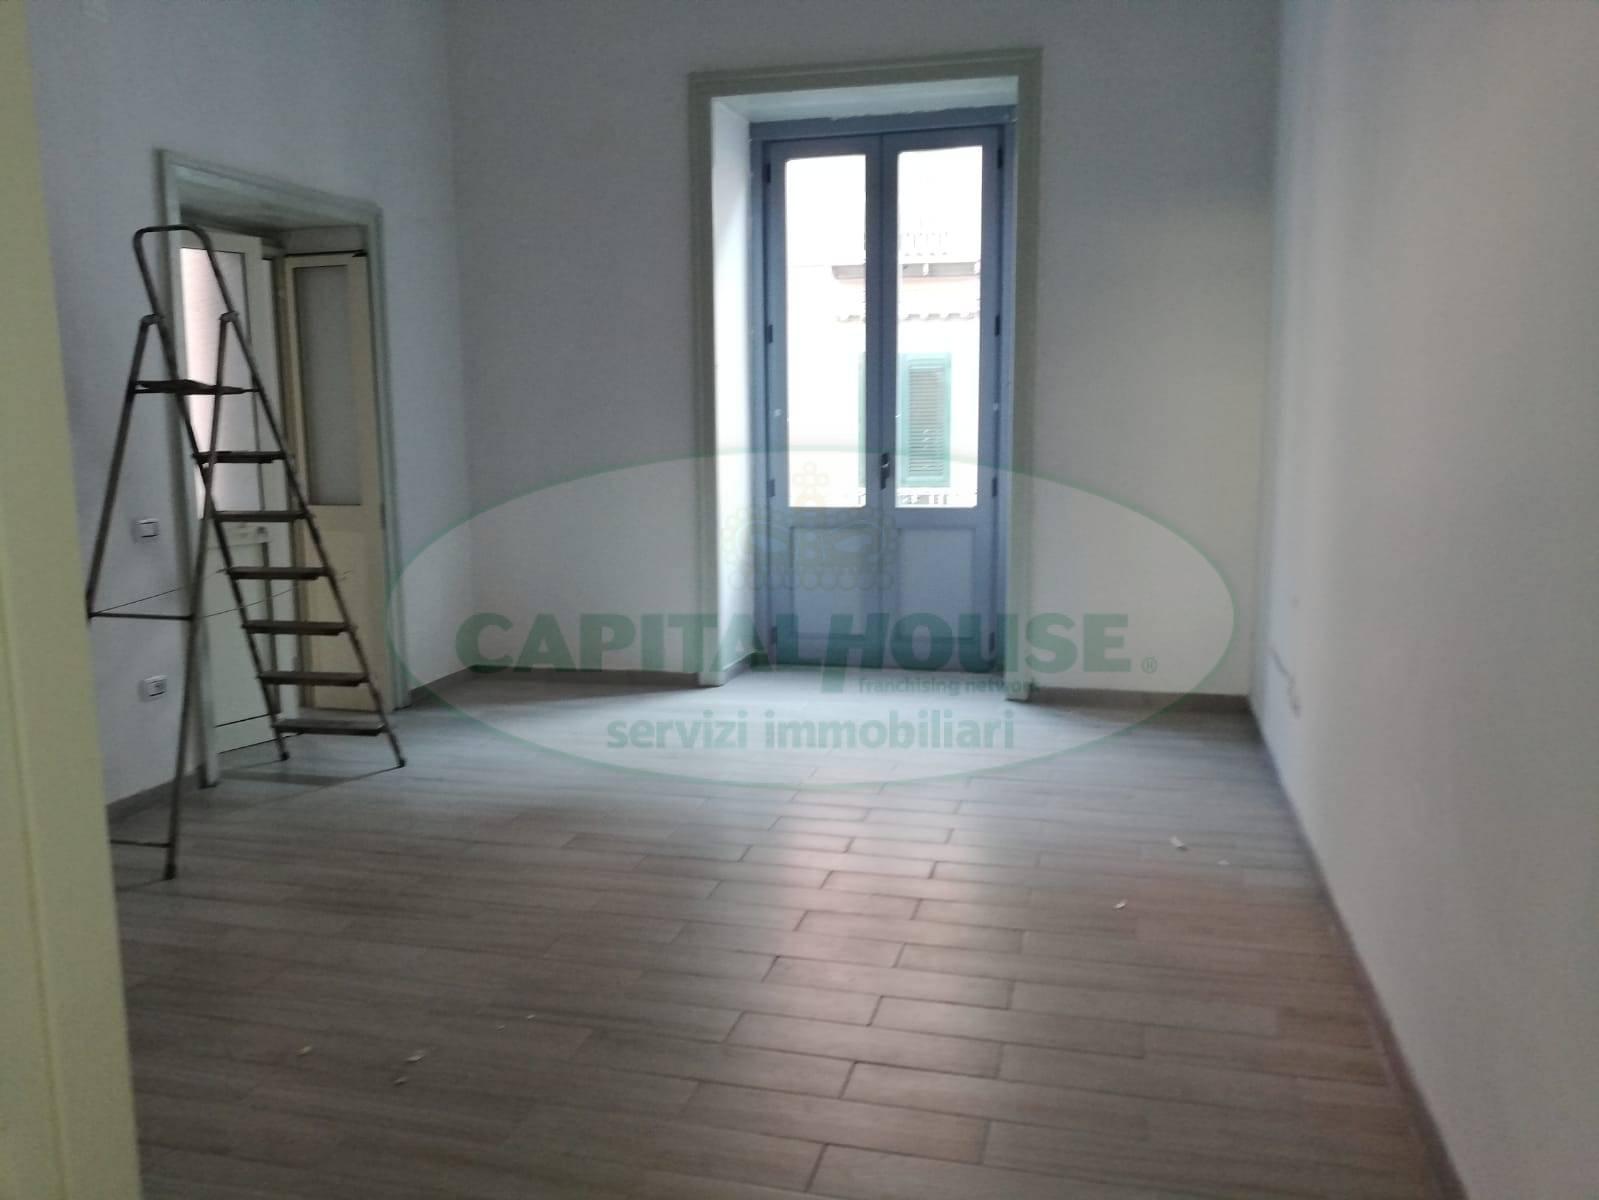 Ufficio / Studio in affitto a Marigliano, 9999 locali, prezzo € 500 | CambioCasa.it